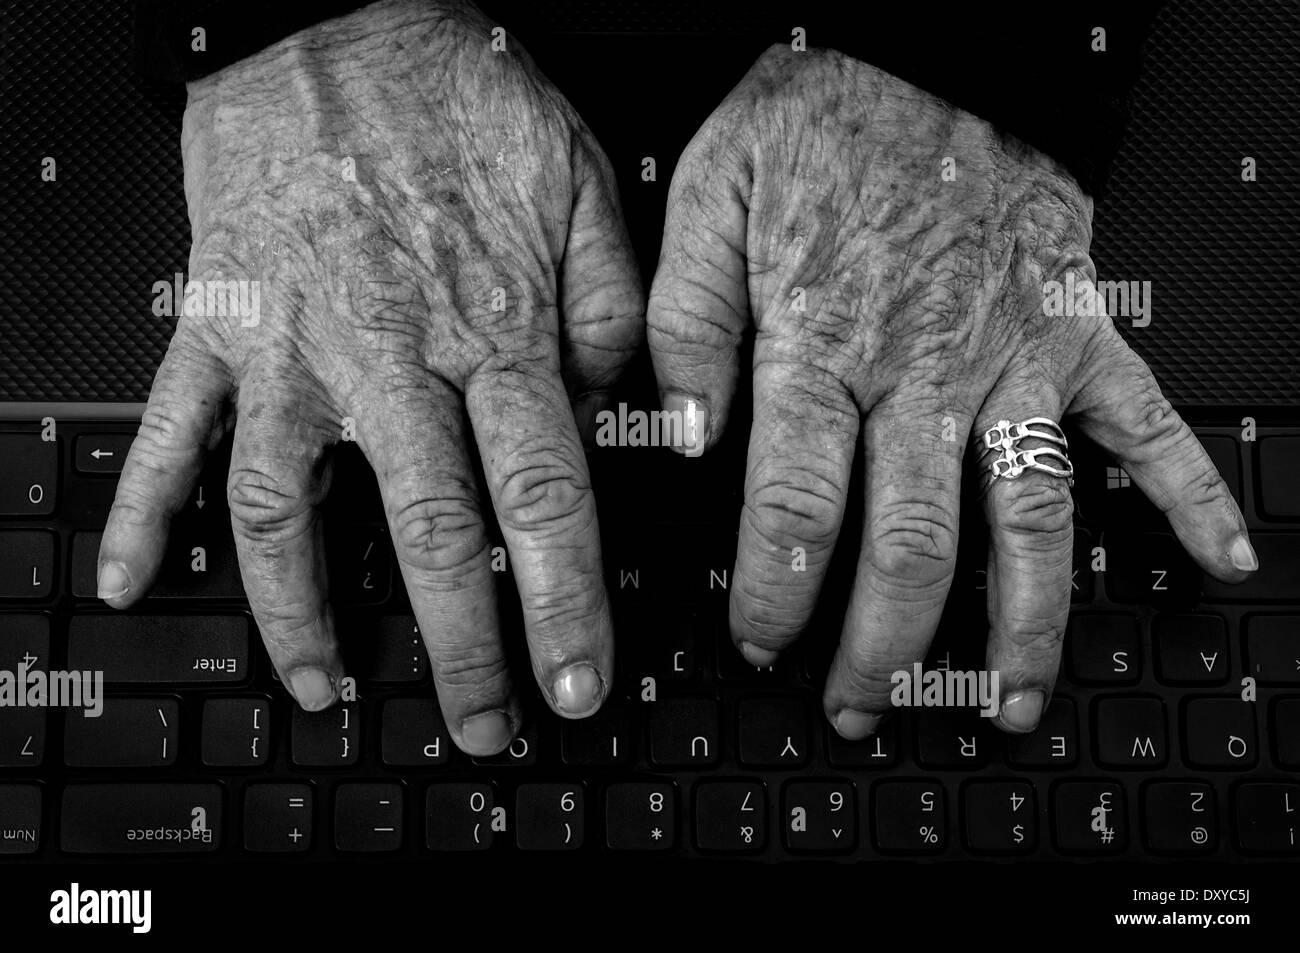 Closeup of old woman's hands avec l'arthrite sur clavier de l'ordinateur en noir et blanc Photo Stock